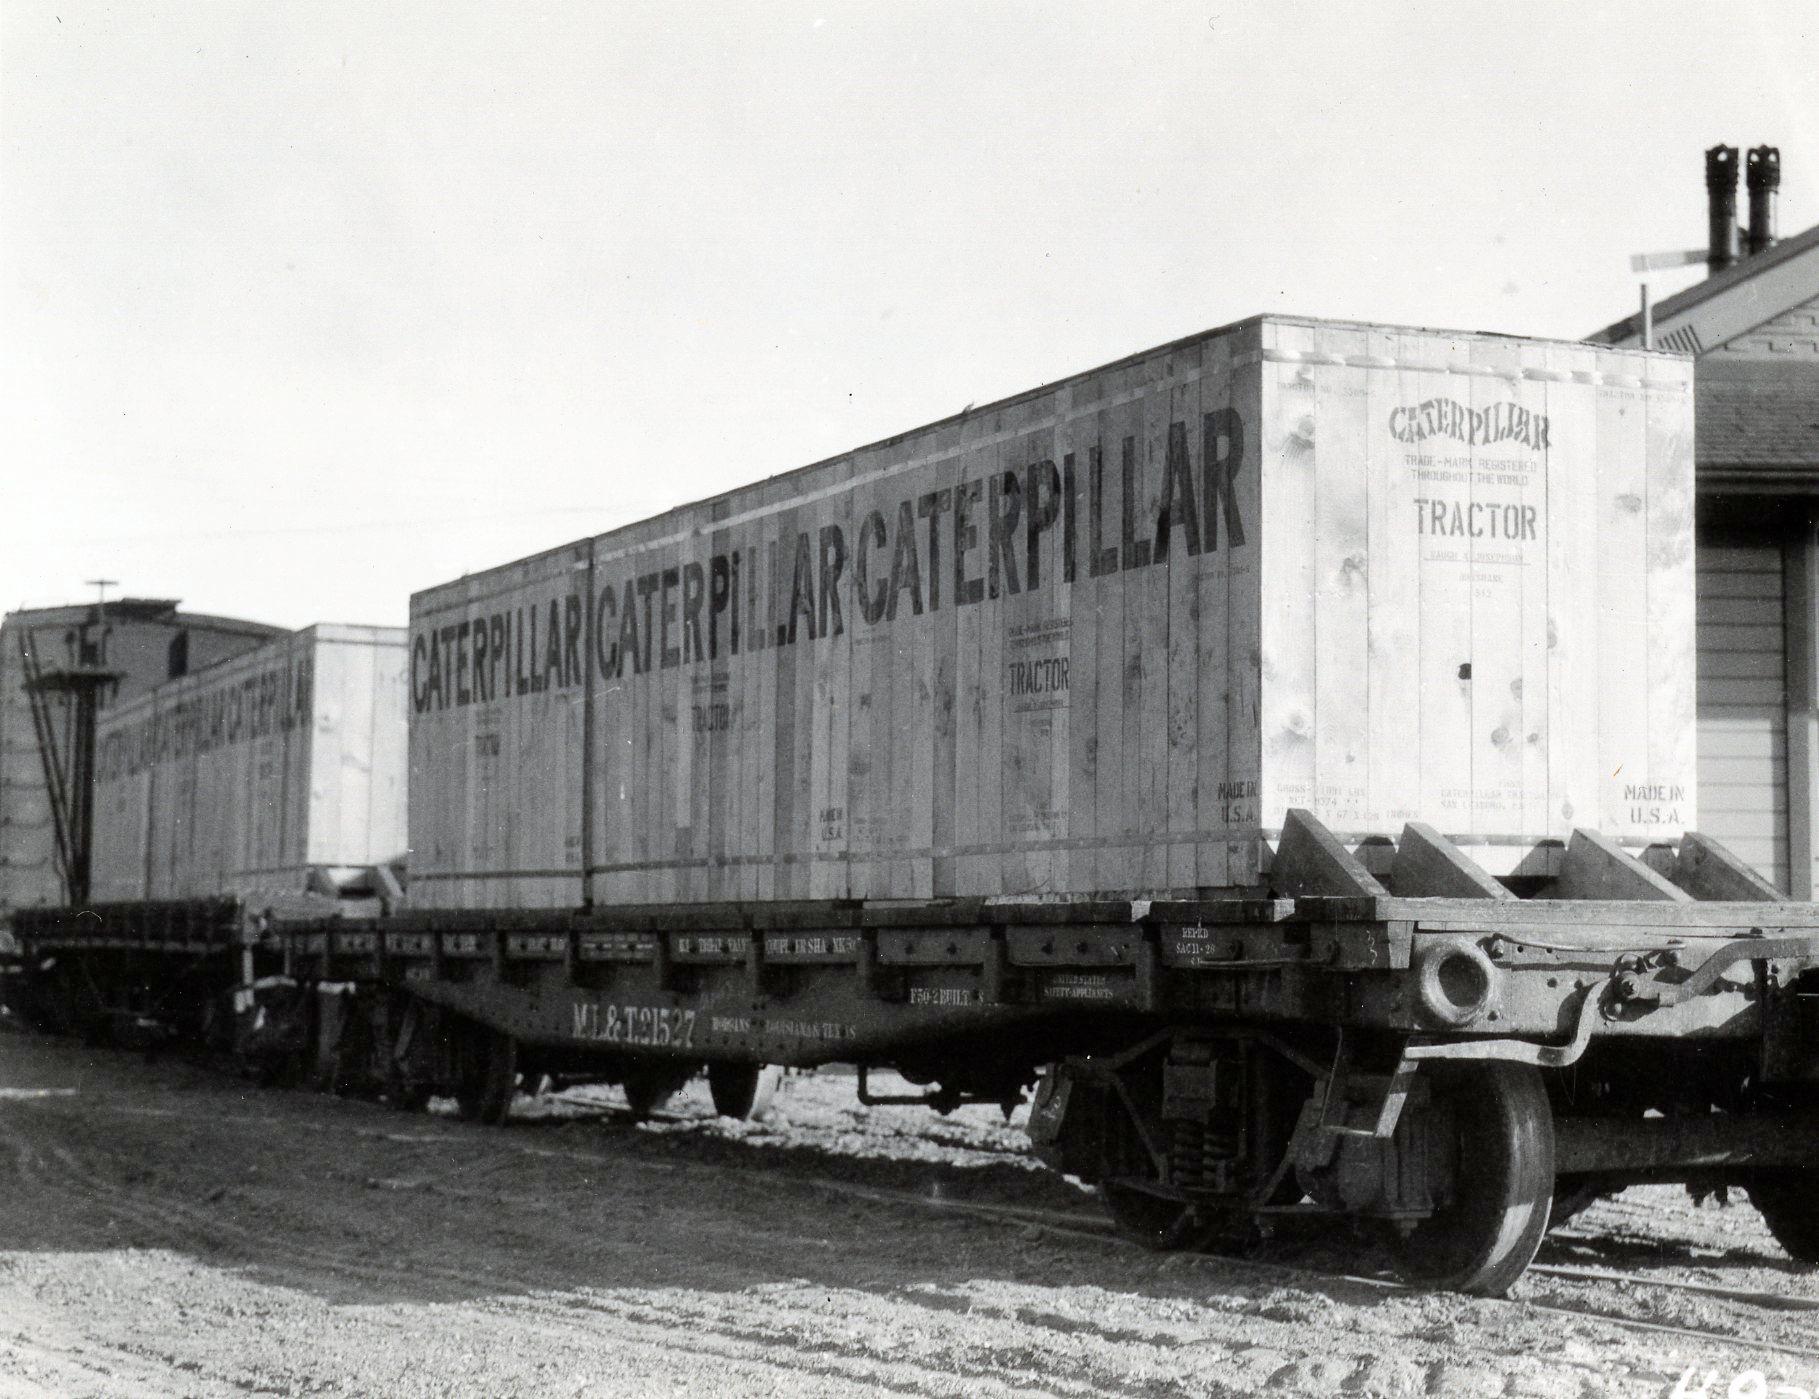 Caterpillar tractors exported to Africa, 1926.